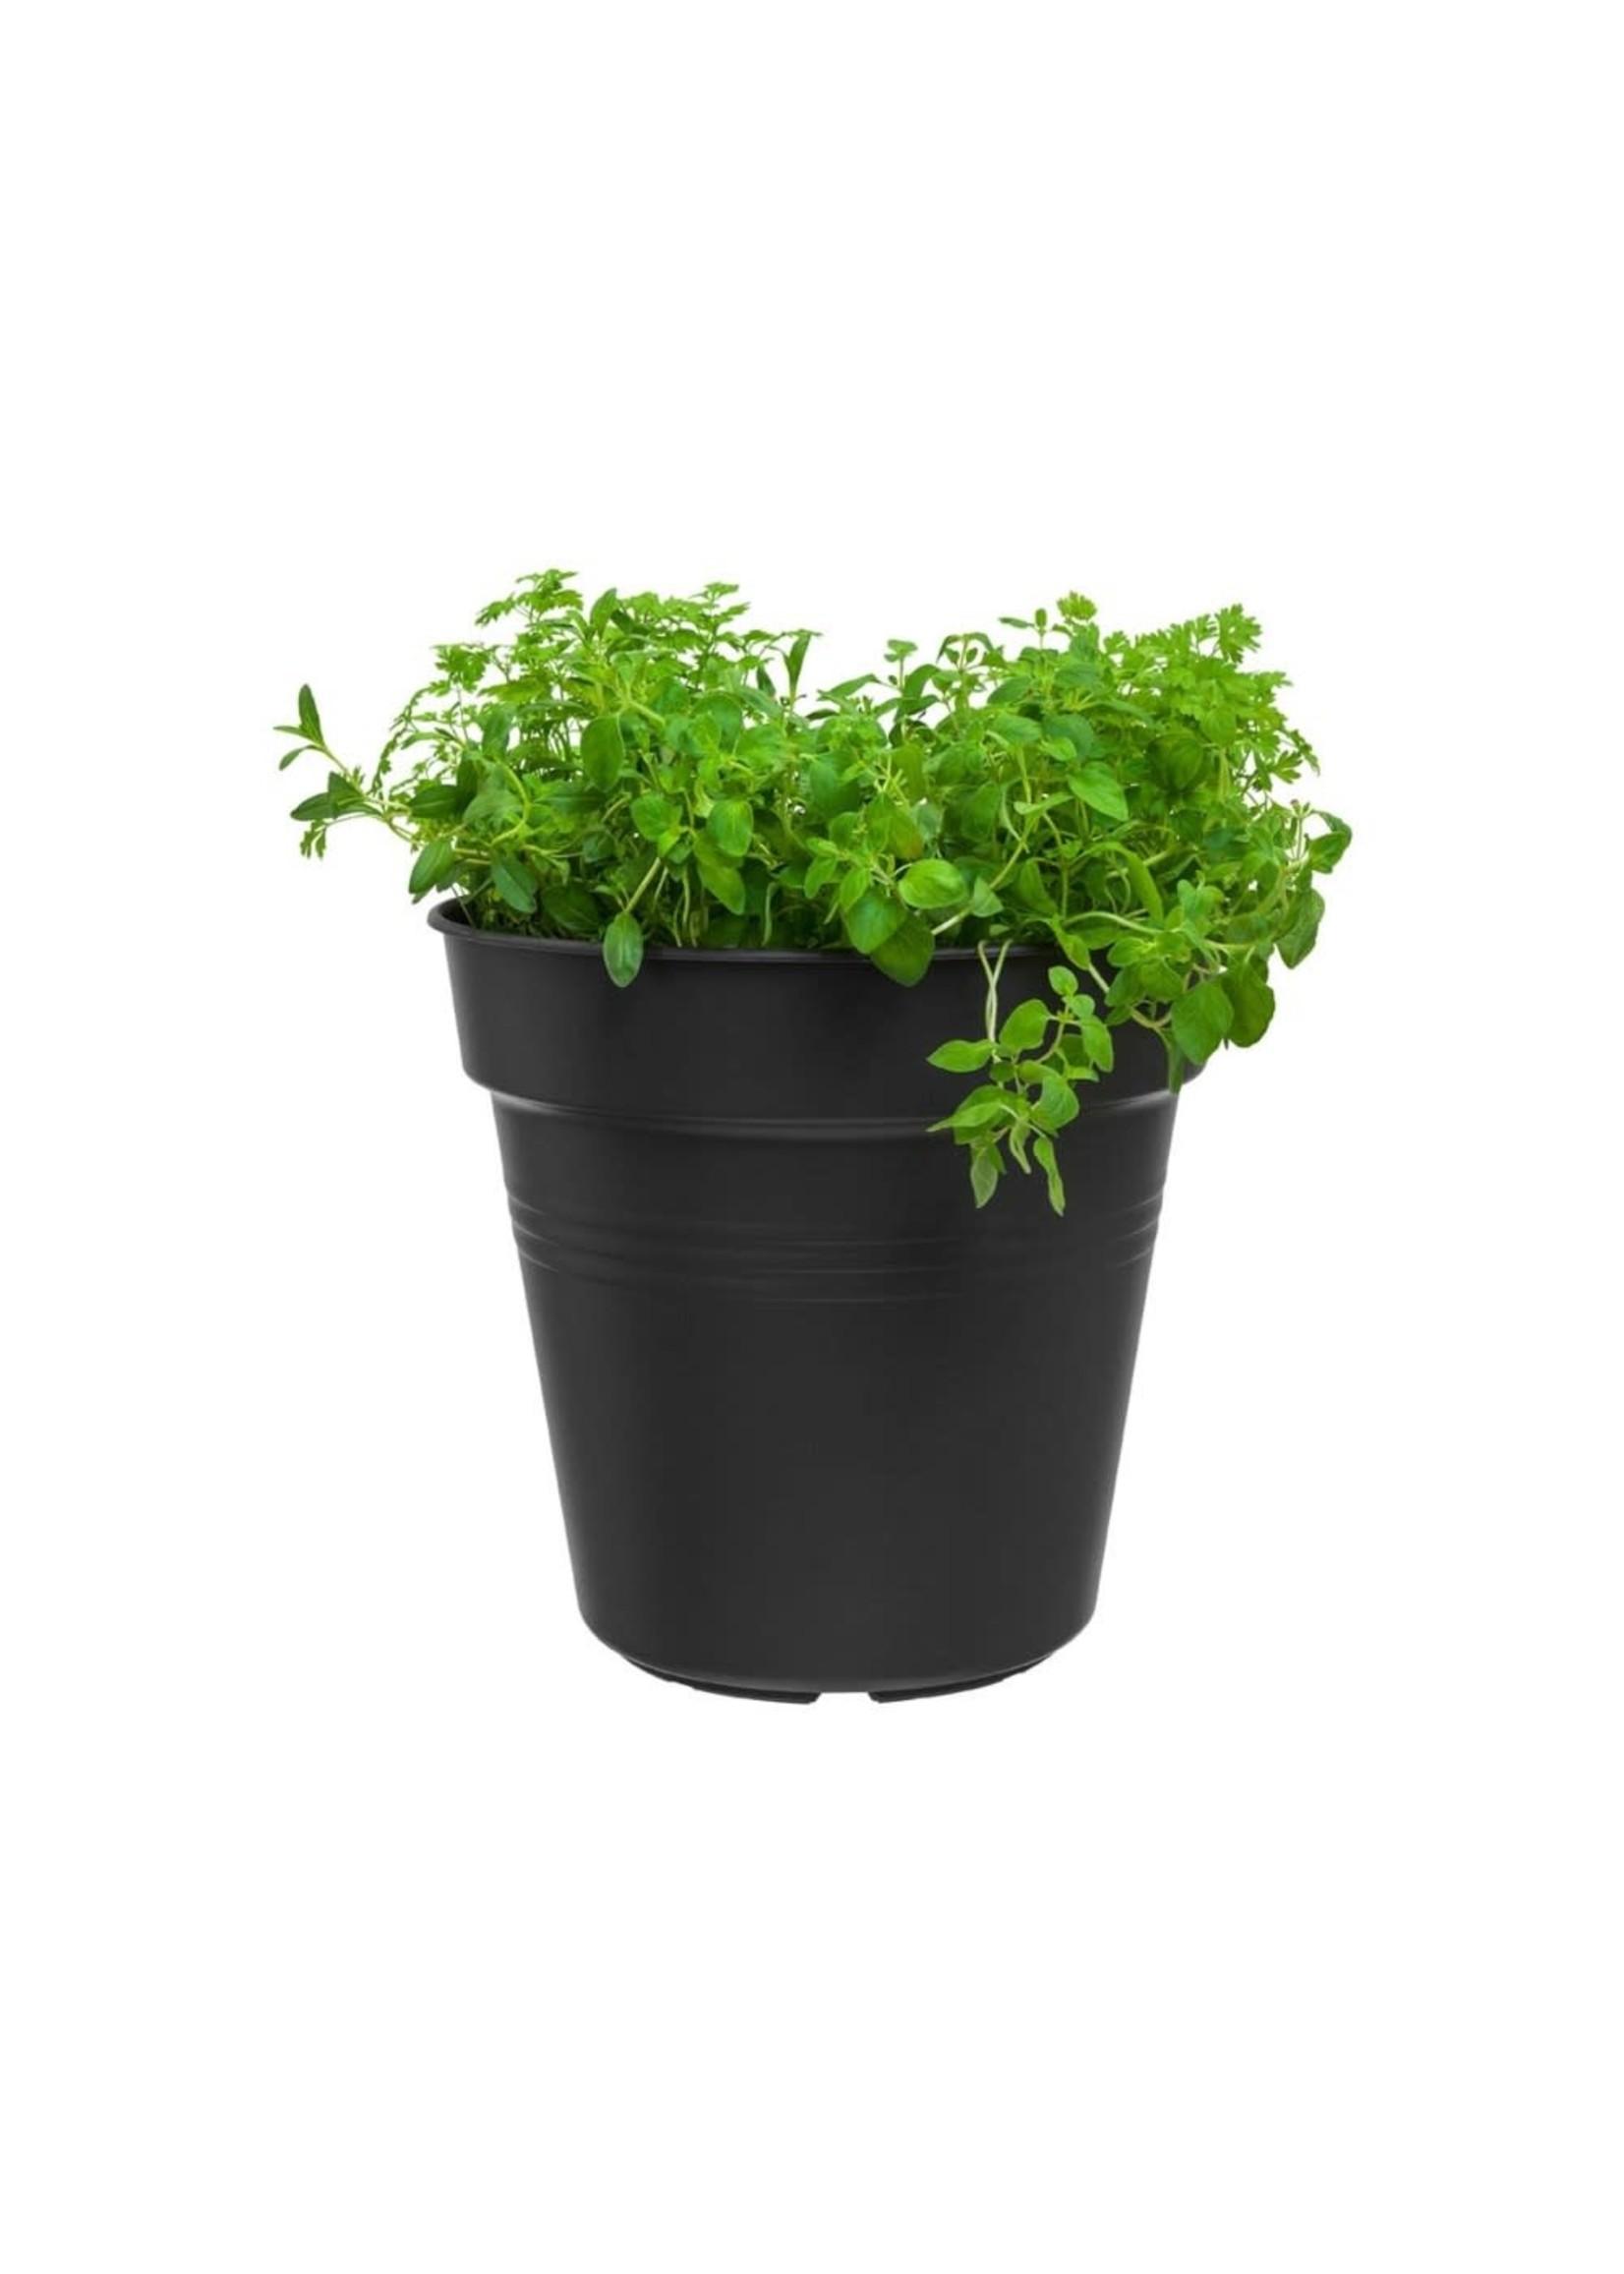 Elho Green Basics Grow Pot 19cm Black